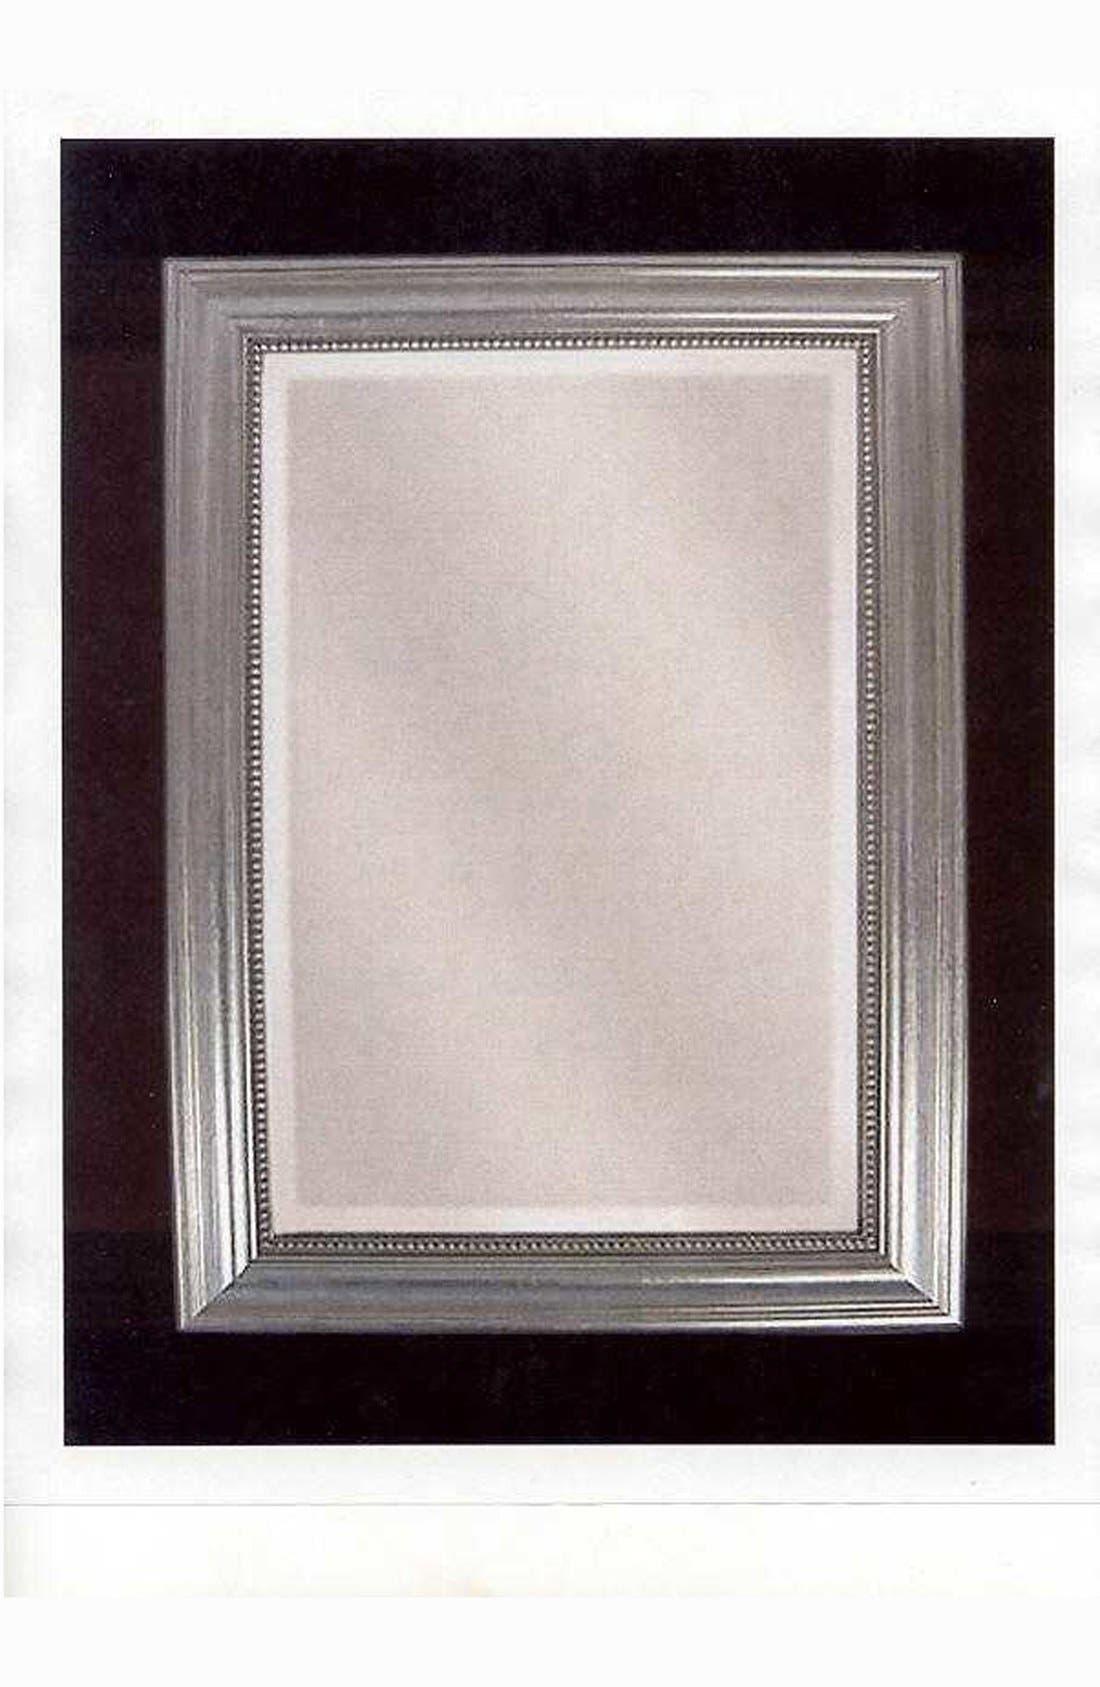 Alternate Image 1 Selected - Uttermost 'Stuart' Silver Beaded Mirror